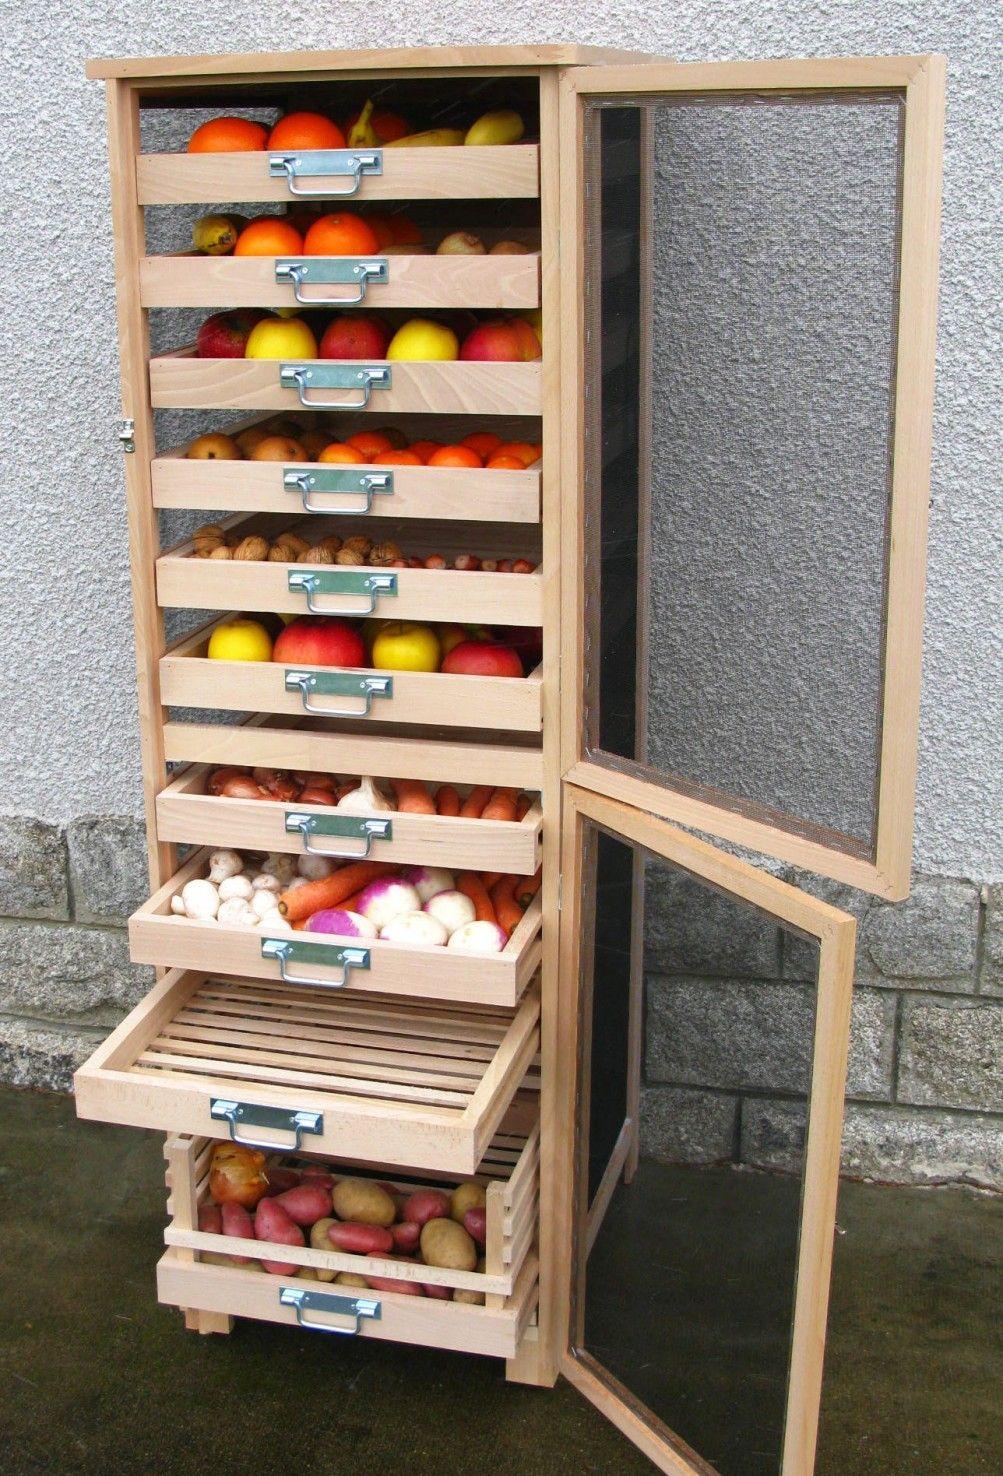 l gumier fruitier vertical maison en 2019 pinterest rangement l gumes rangement maison et. Black Bedroom Furniture Sets. Home Design Ideas